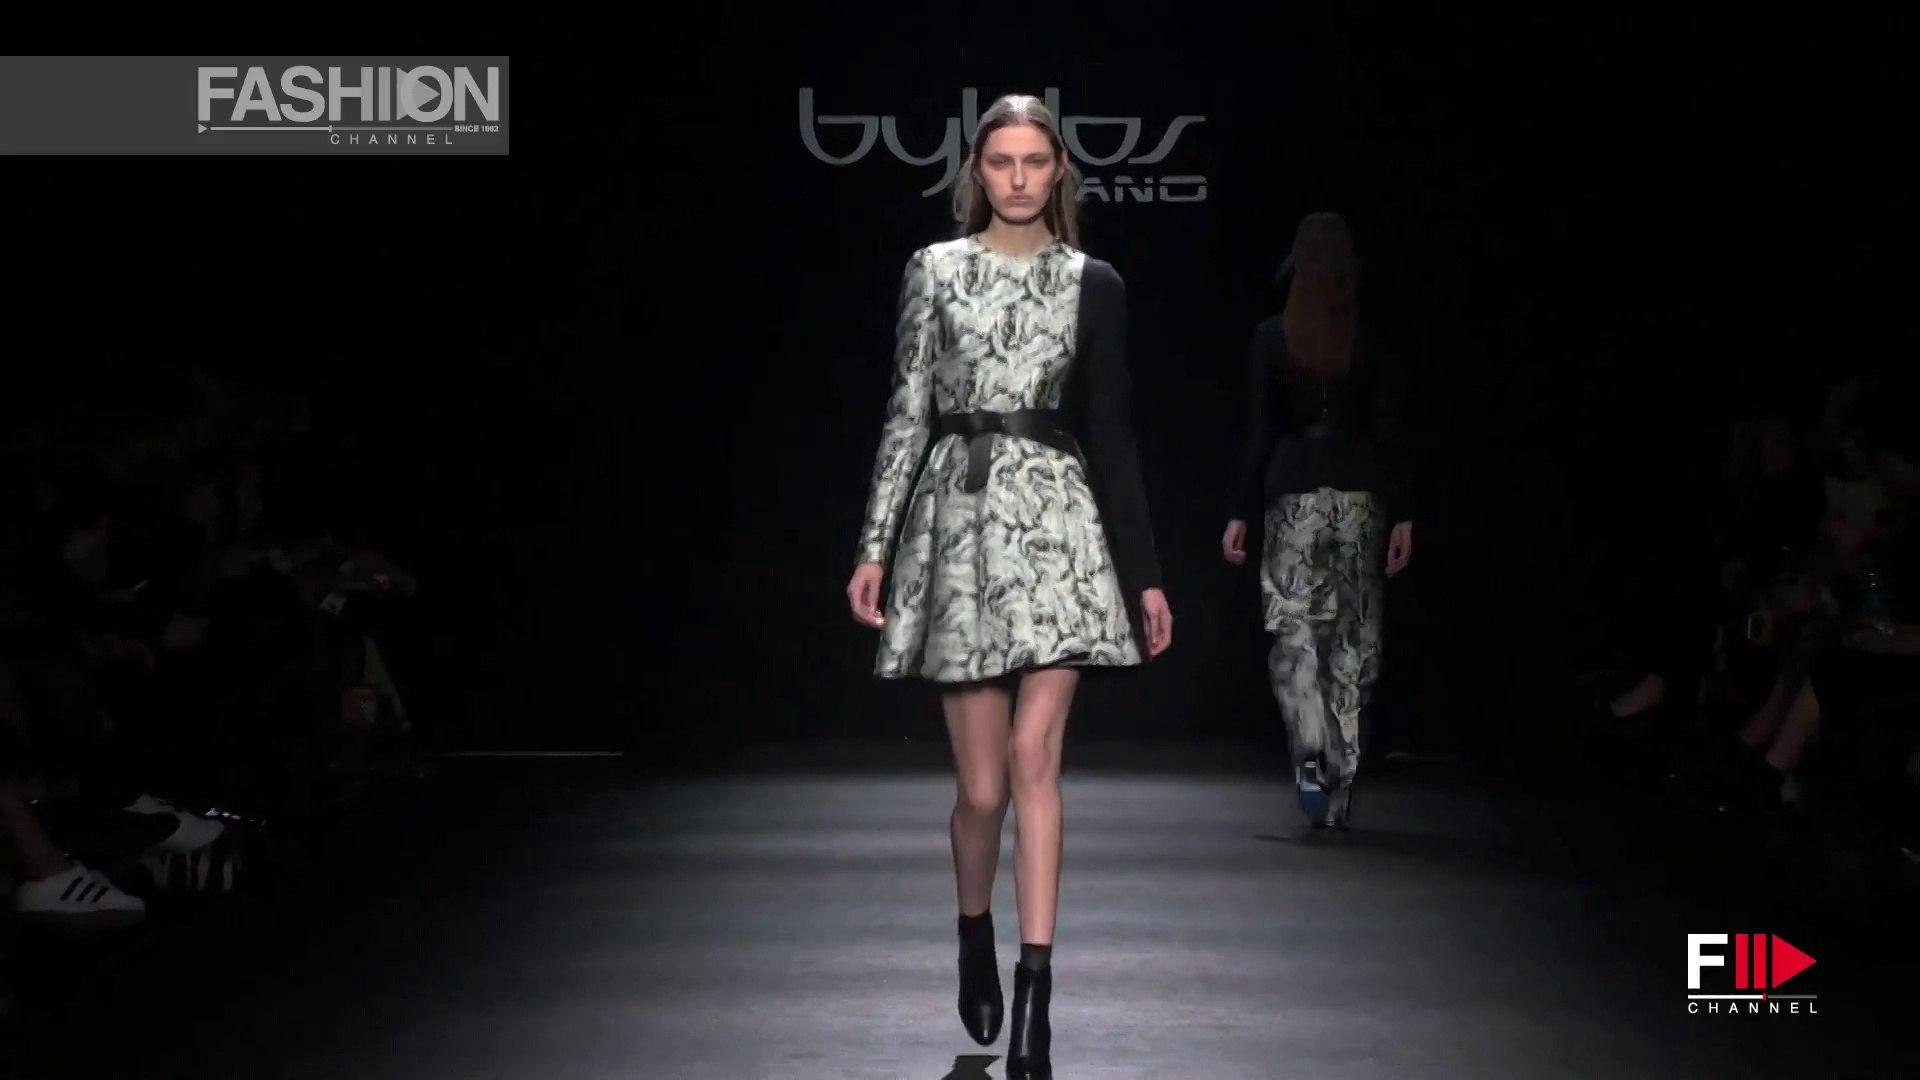 BYBLOS Milan Fashion Week Fall 2015 by Fashion Channel